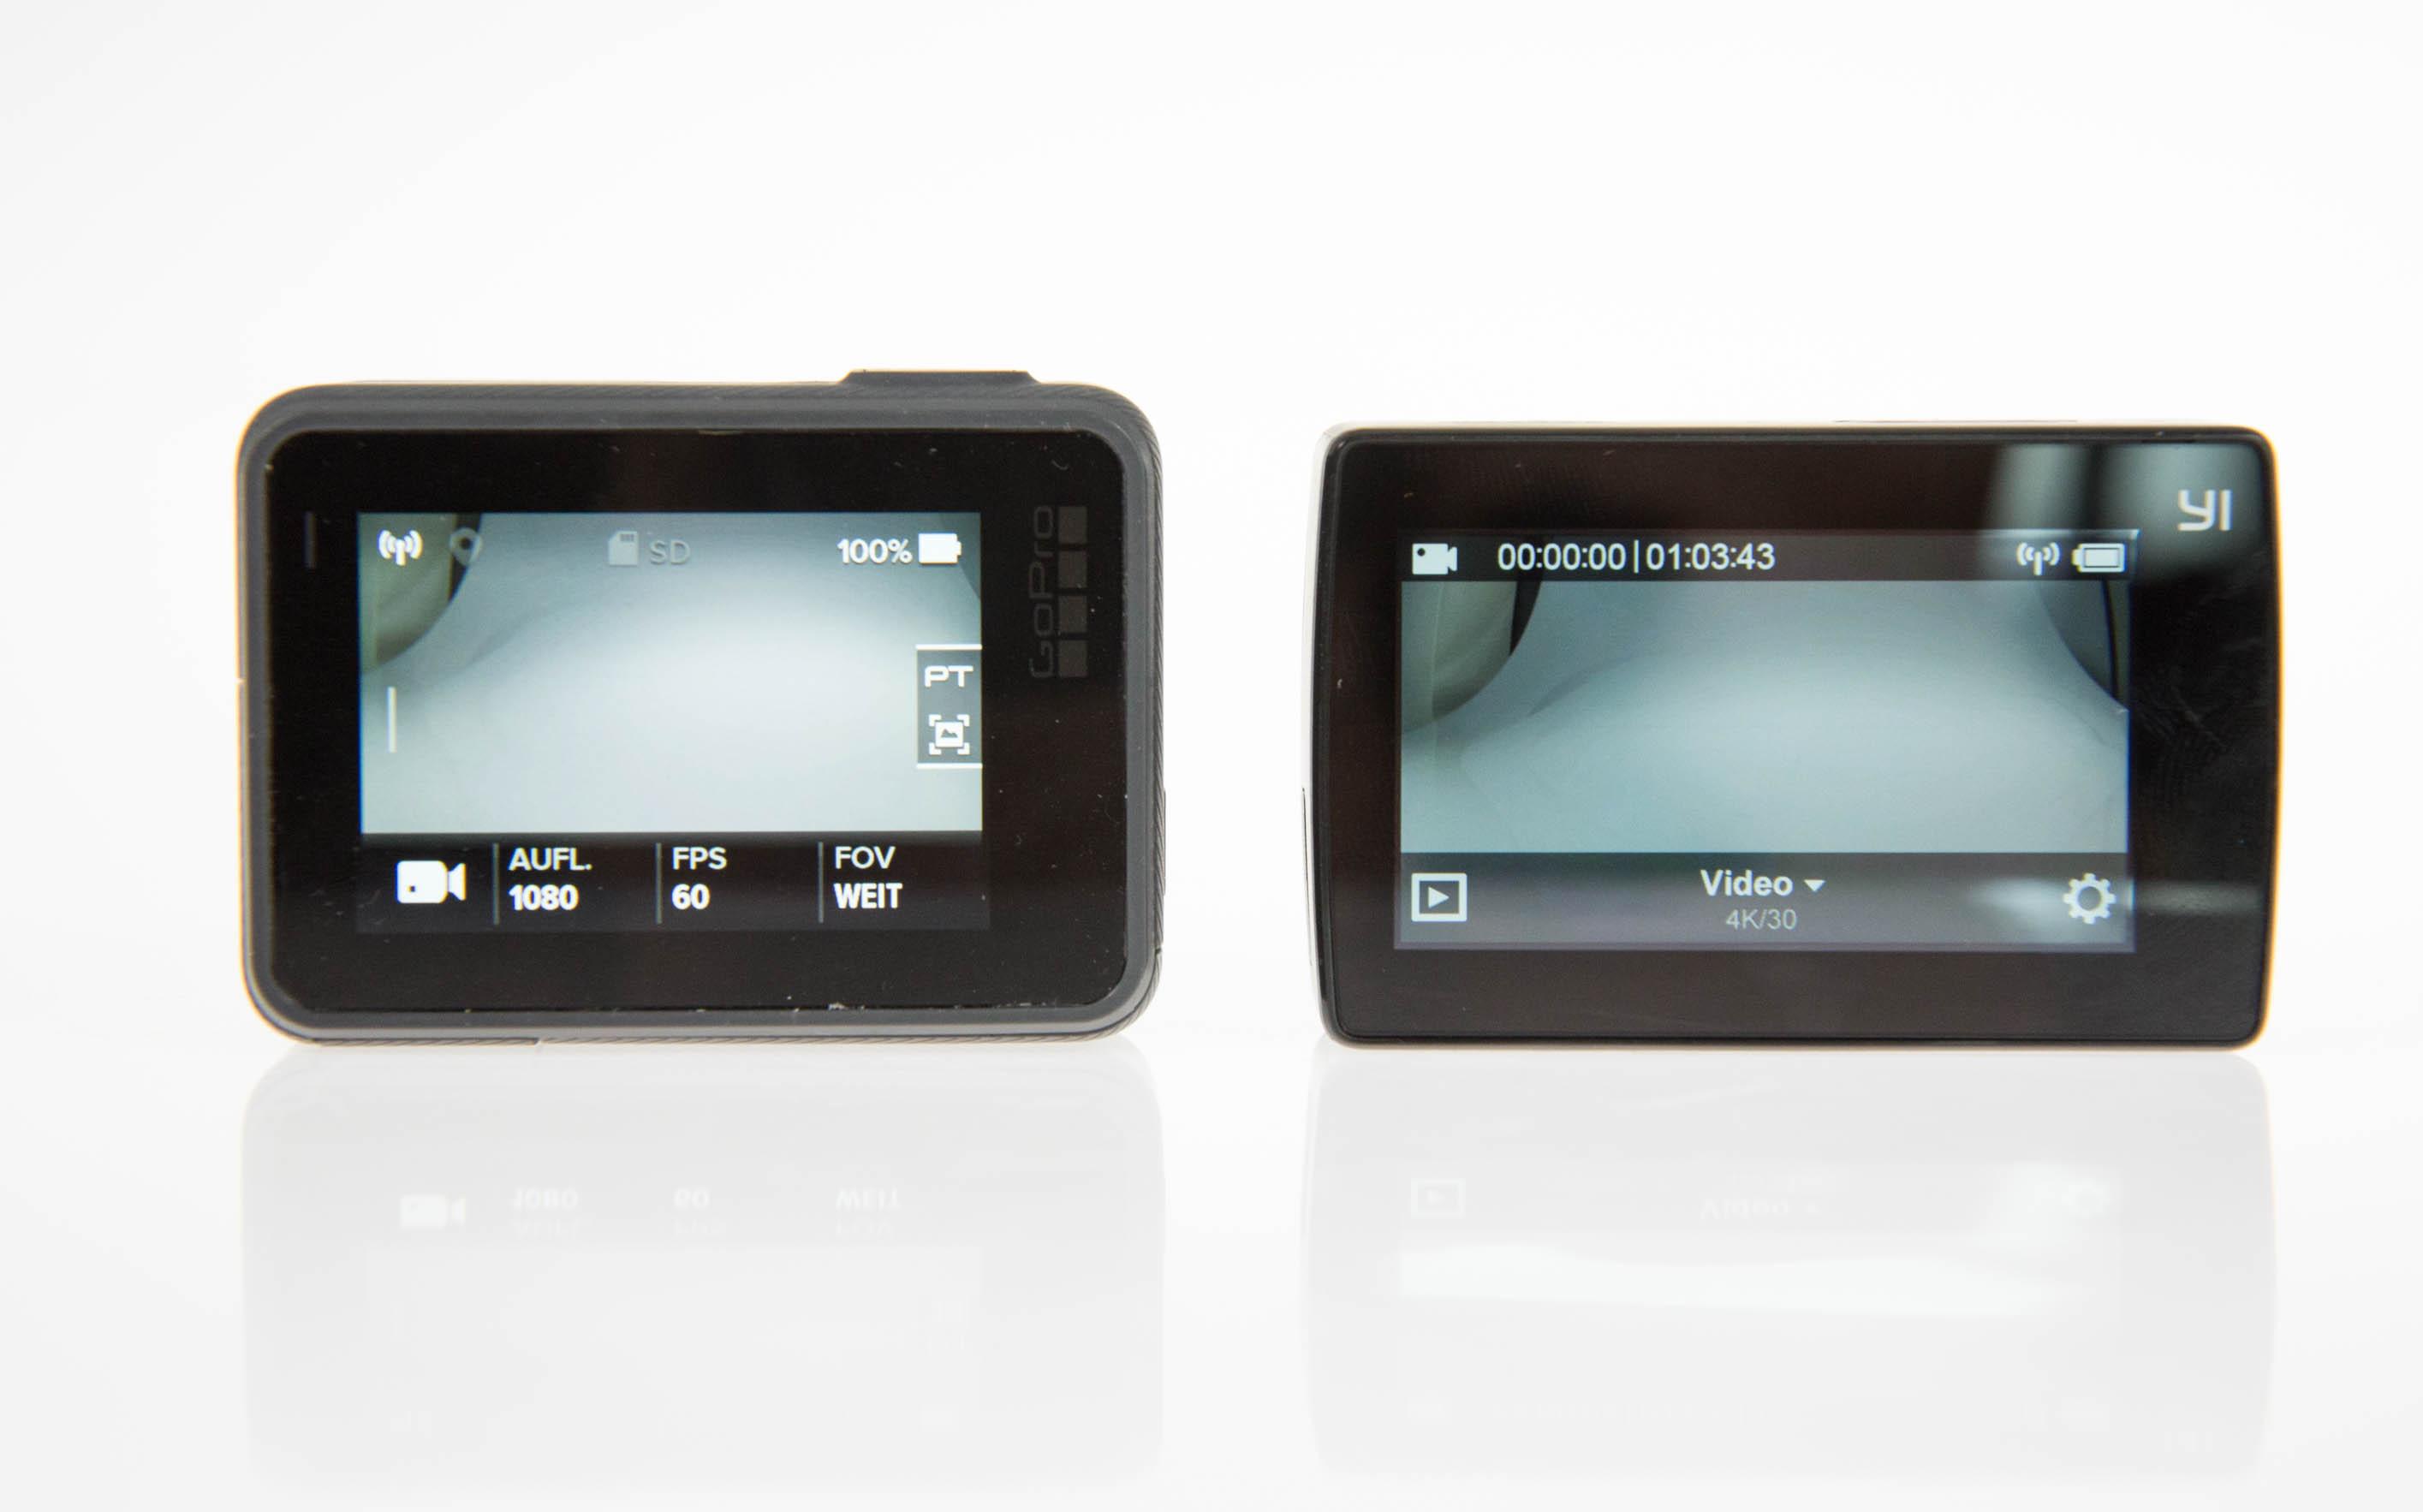 Gopro Hero 5 vs. Yi 4K Action Camera: Gute Bilder reichen nicht mehr - Der Bildschirm der Gopro ist heller und blickwinkelstabiler. (Bild: Martin Wolf/Golem.de)